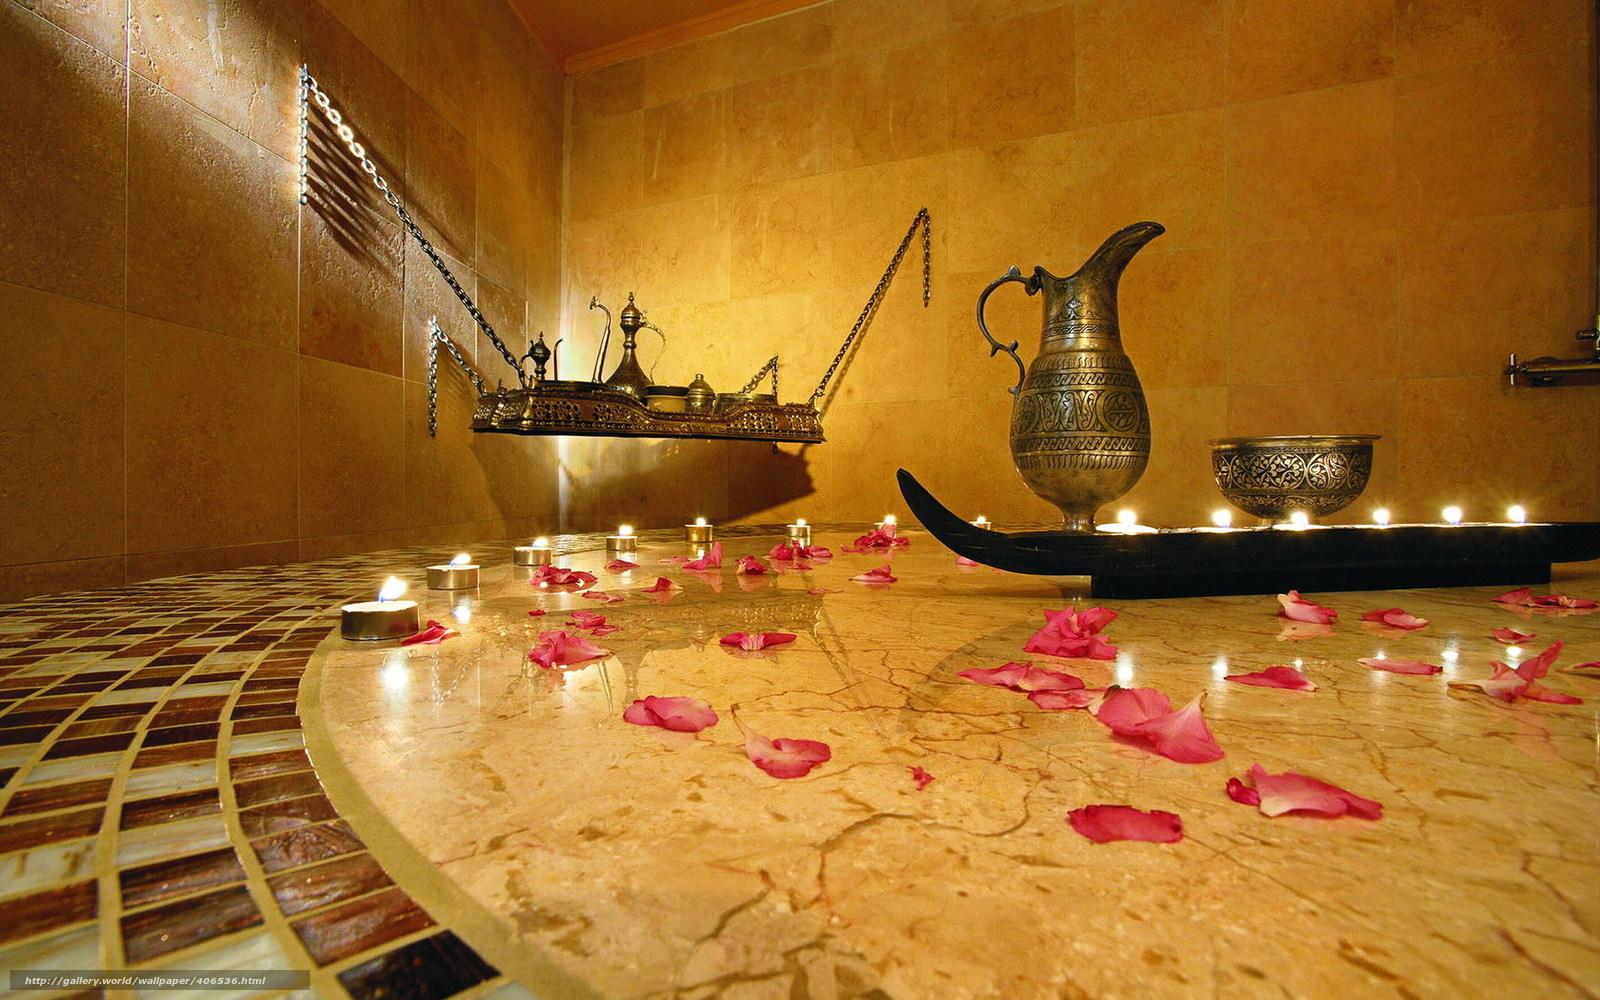 Download wallpaper spa tray Candles Petals desktop wallpaper 1600x1000